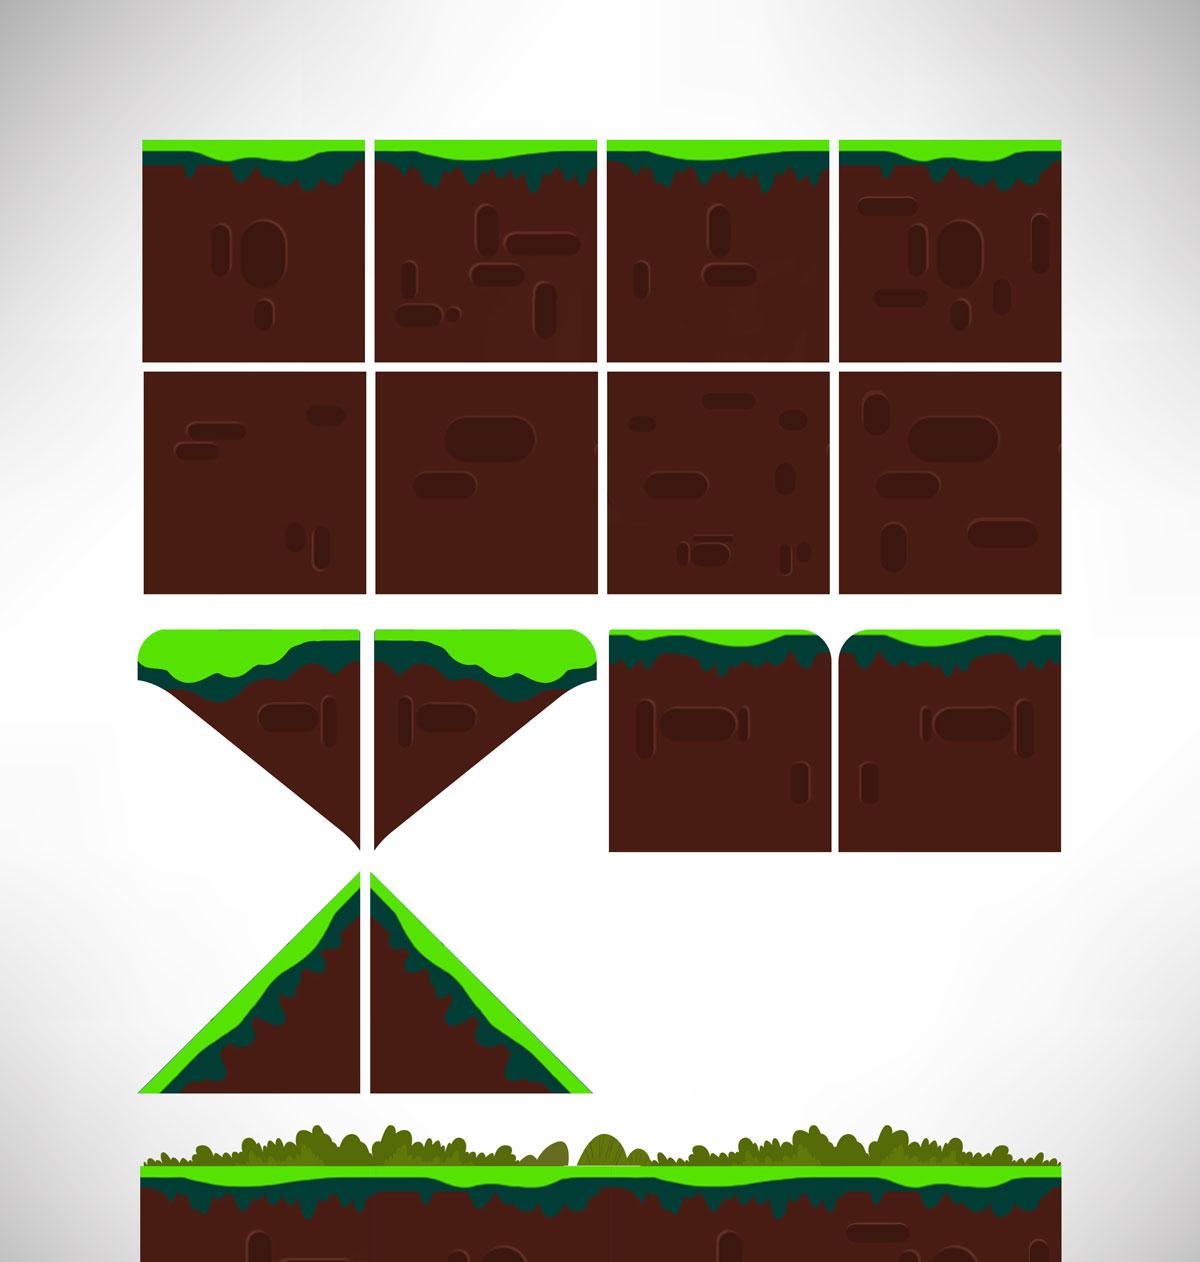 Platformer Game Tilesets